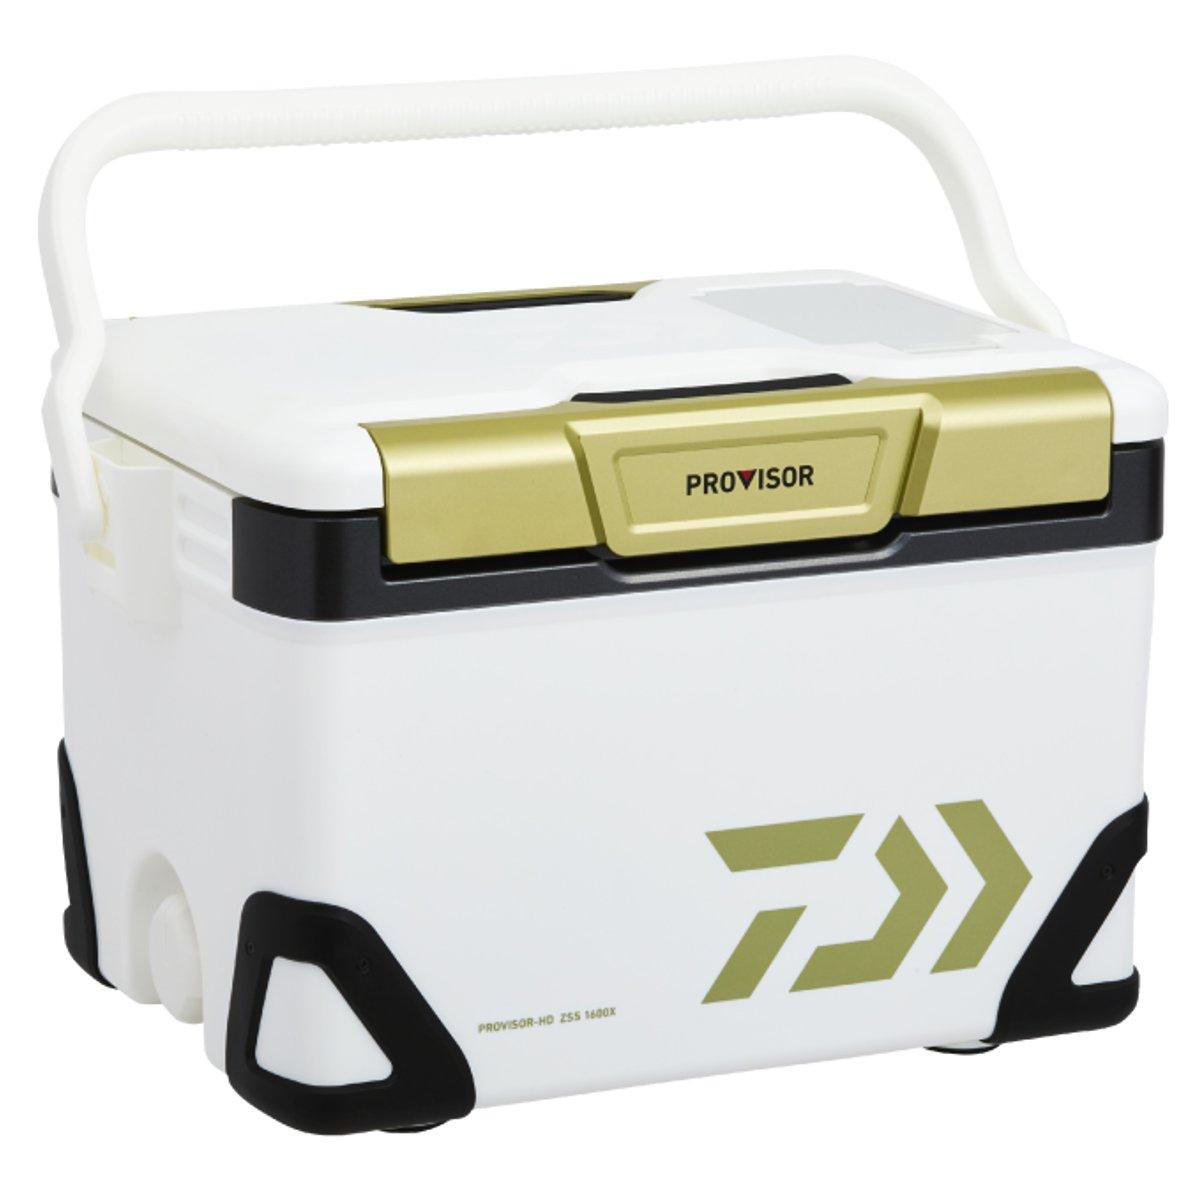 ダイワ プロバイザー HD ZSS 1600X シャンパンゴールド クーラーボックス(東日本店)【同梱不可】